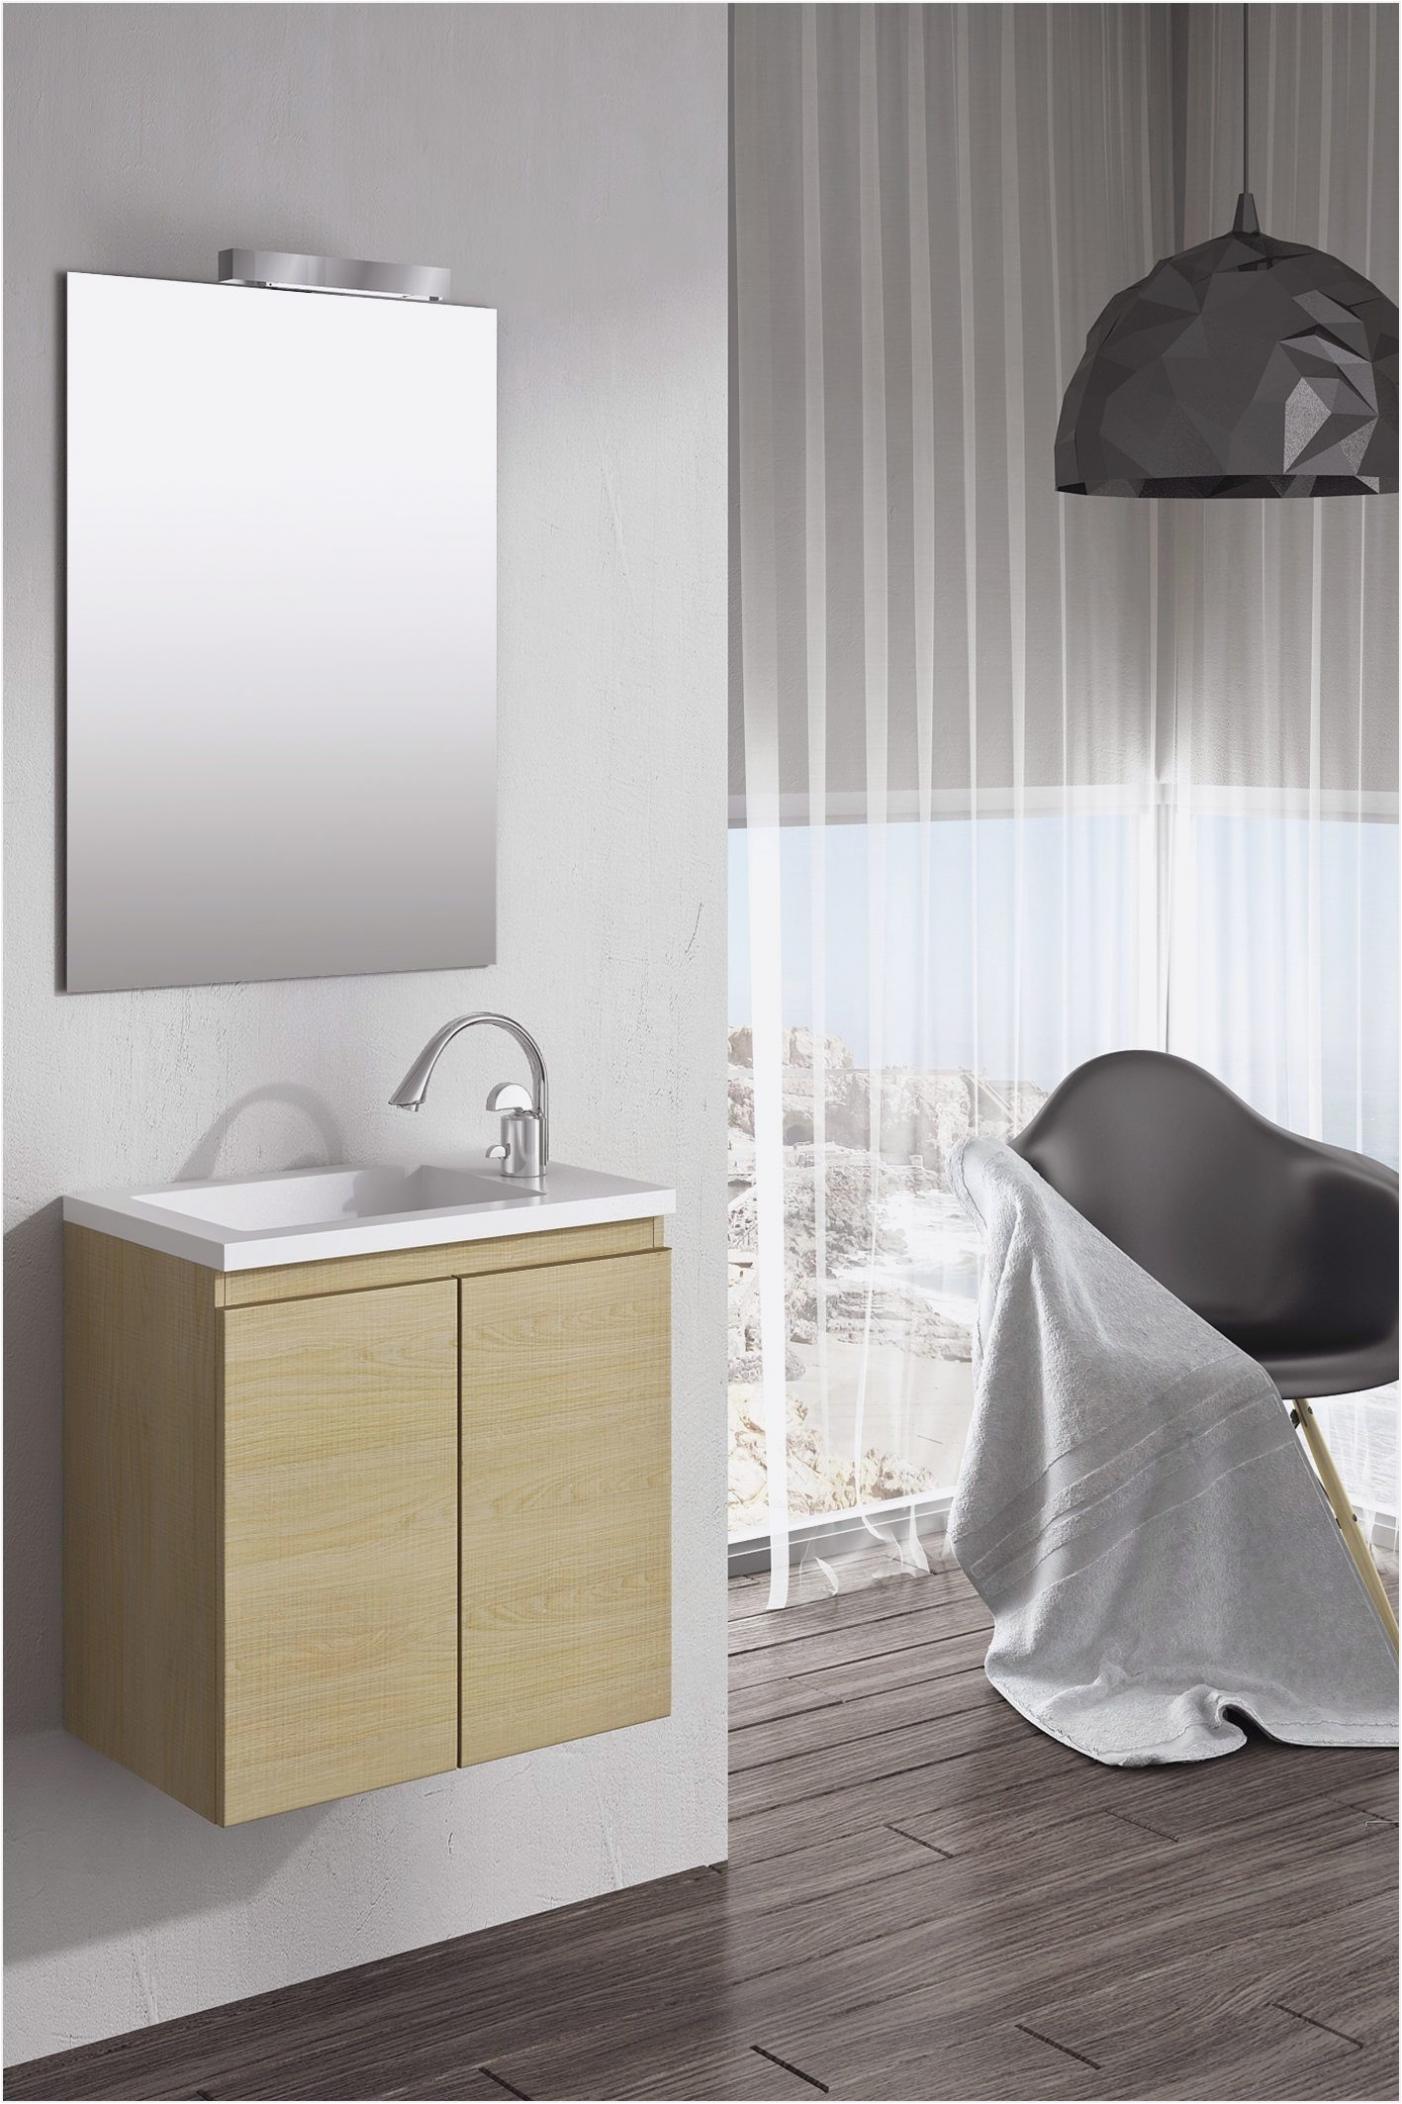 cuartos de baa o modernos con plato de ducha blend reformar baa o pequea o